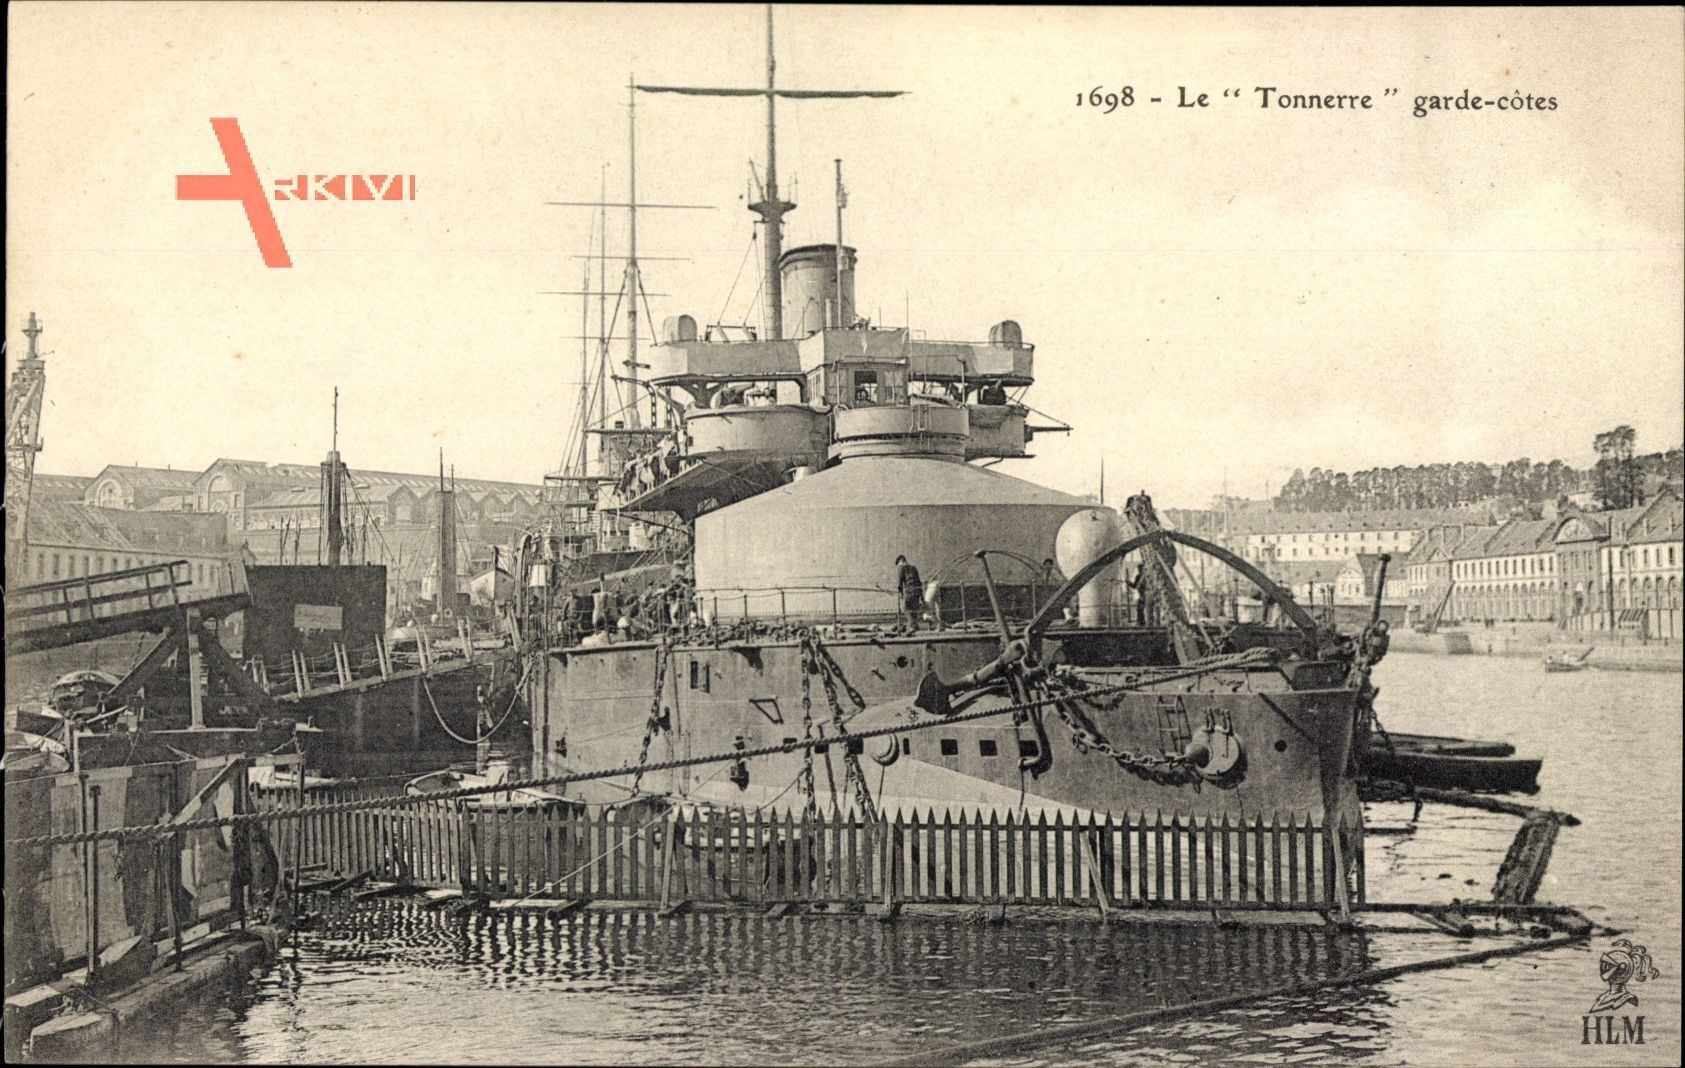 Französisches Kriegsschiff, Tonnerre, Garde Côtes, Marine Militaire